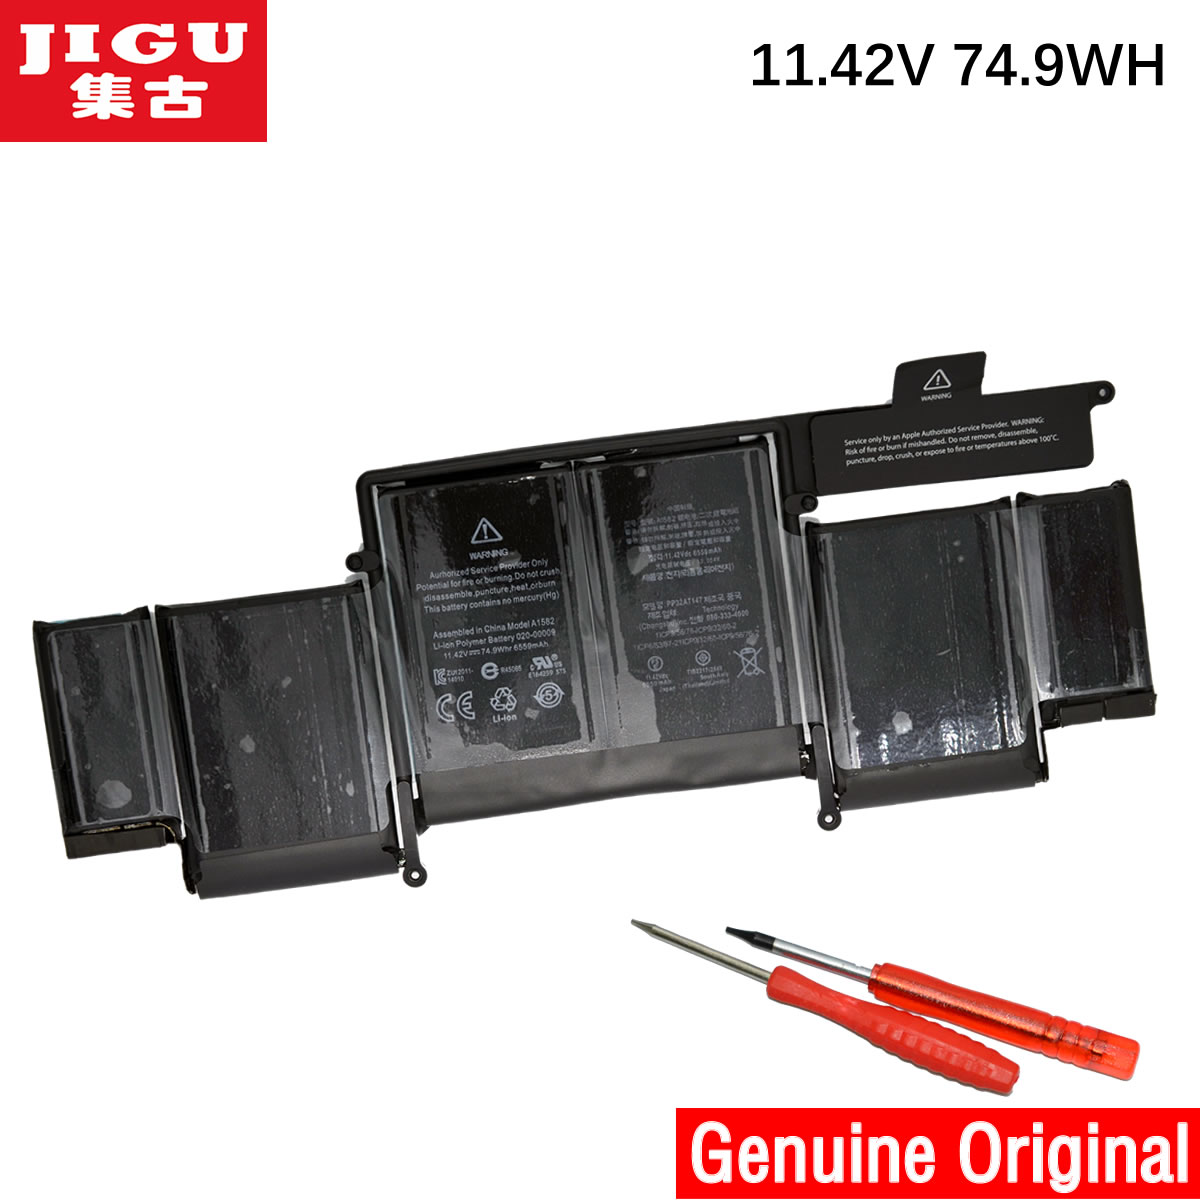 JIGU 11.42V nouvelle batterie d'ordinateur portable originale A1582 pour Apple MacBook Pro 13